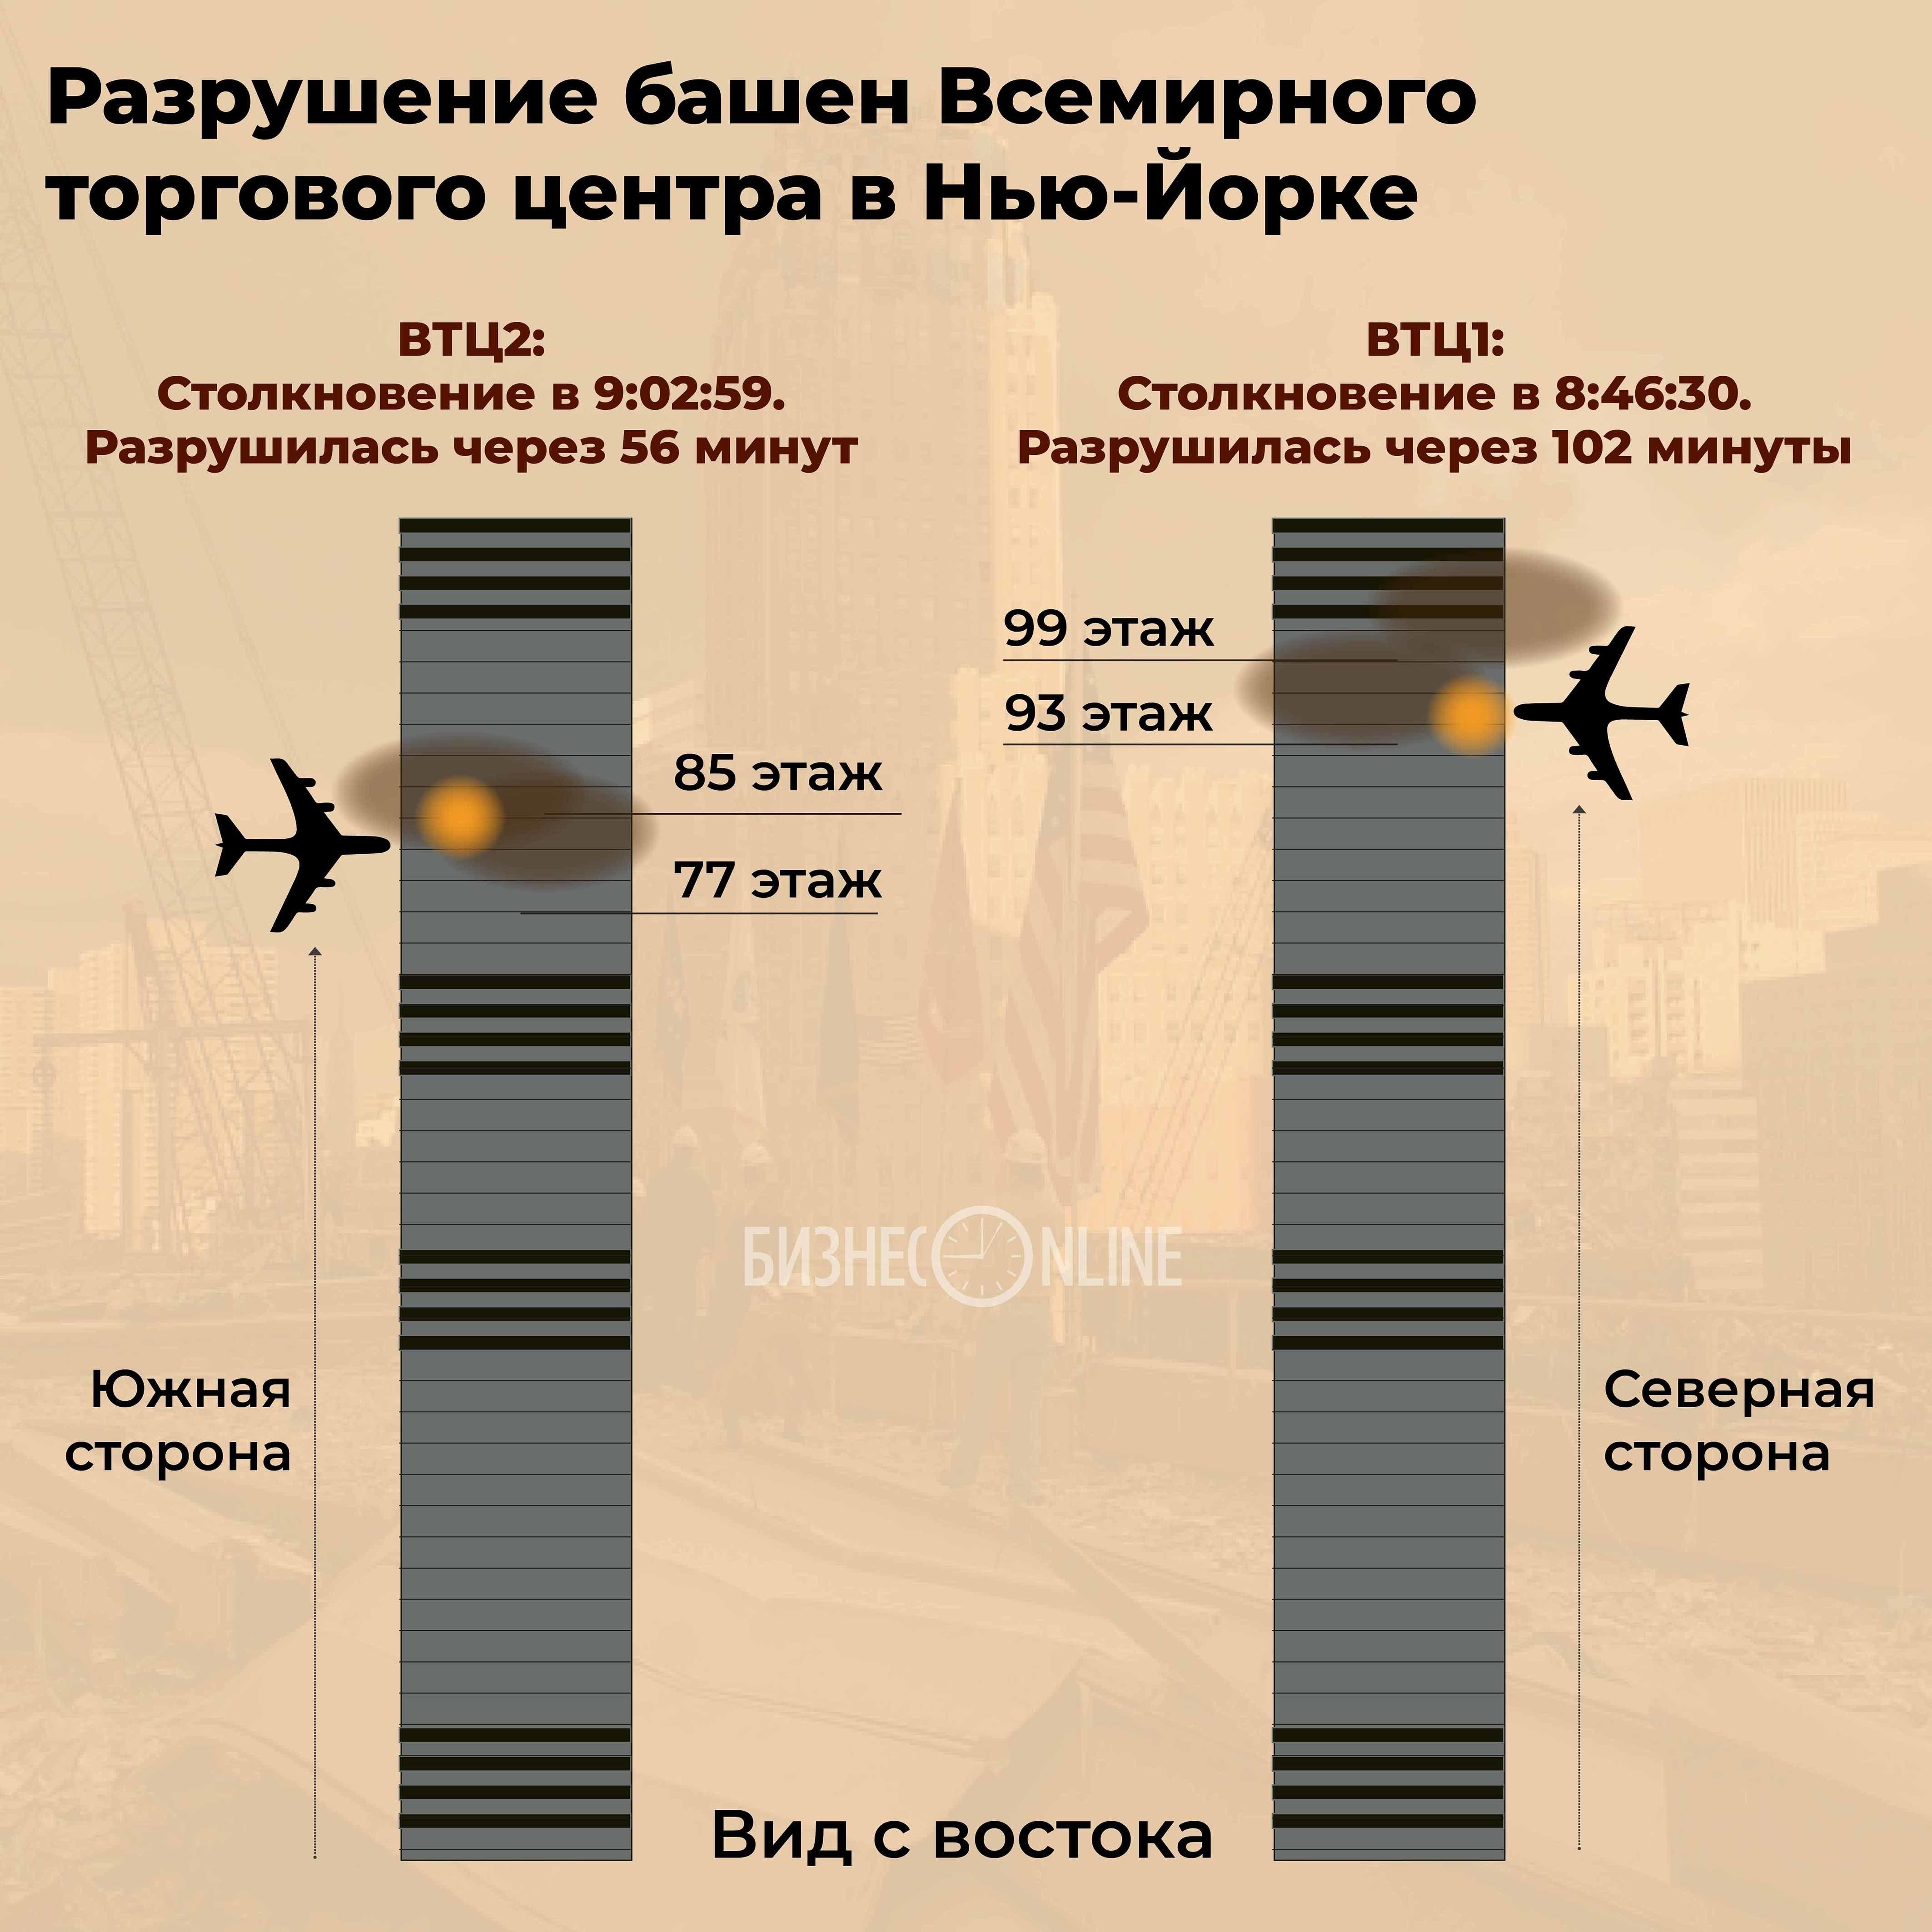 Схема столкновения самолетов с башнями 11 сентября.